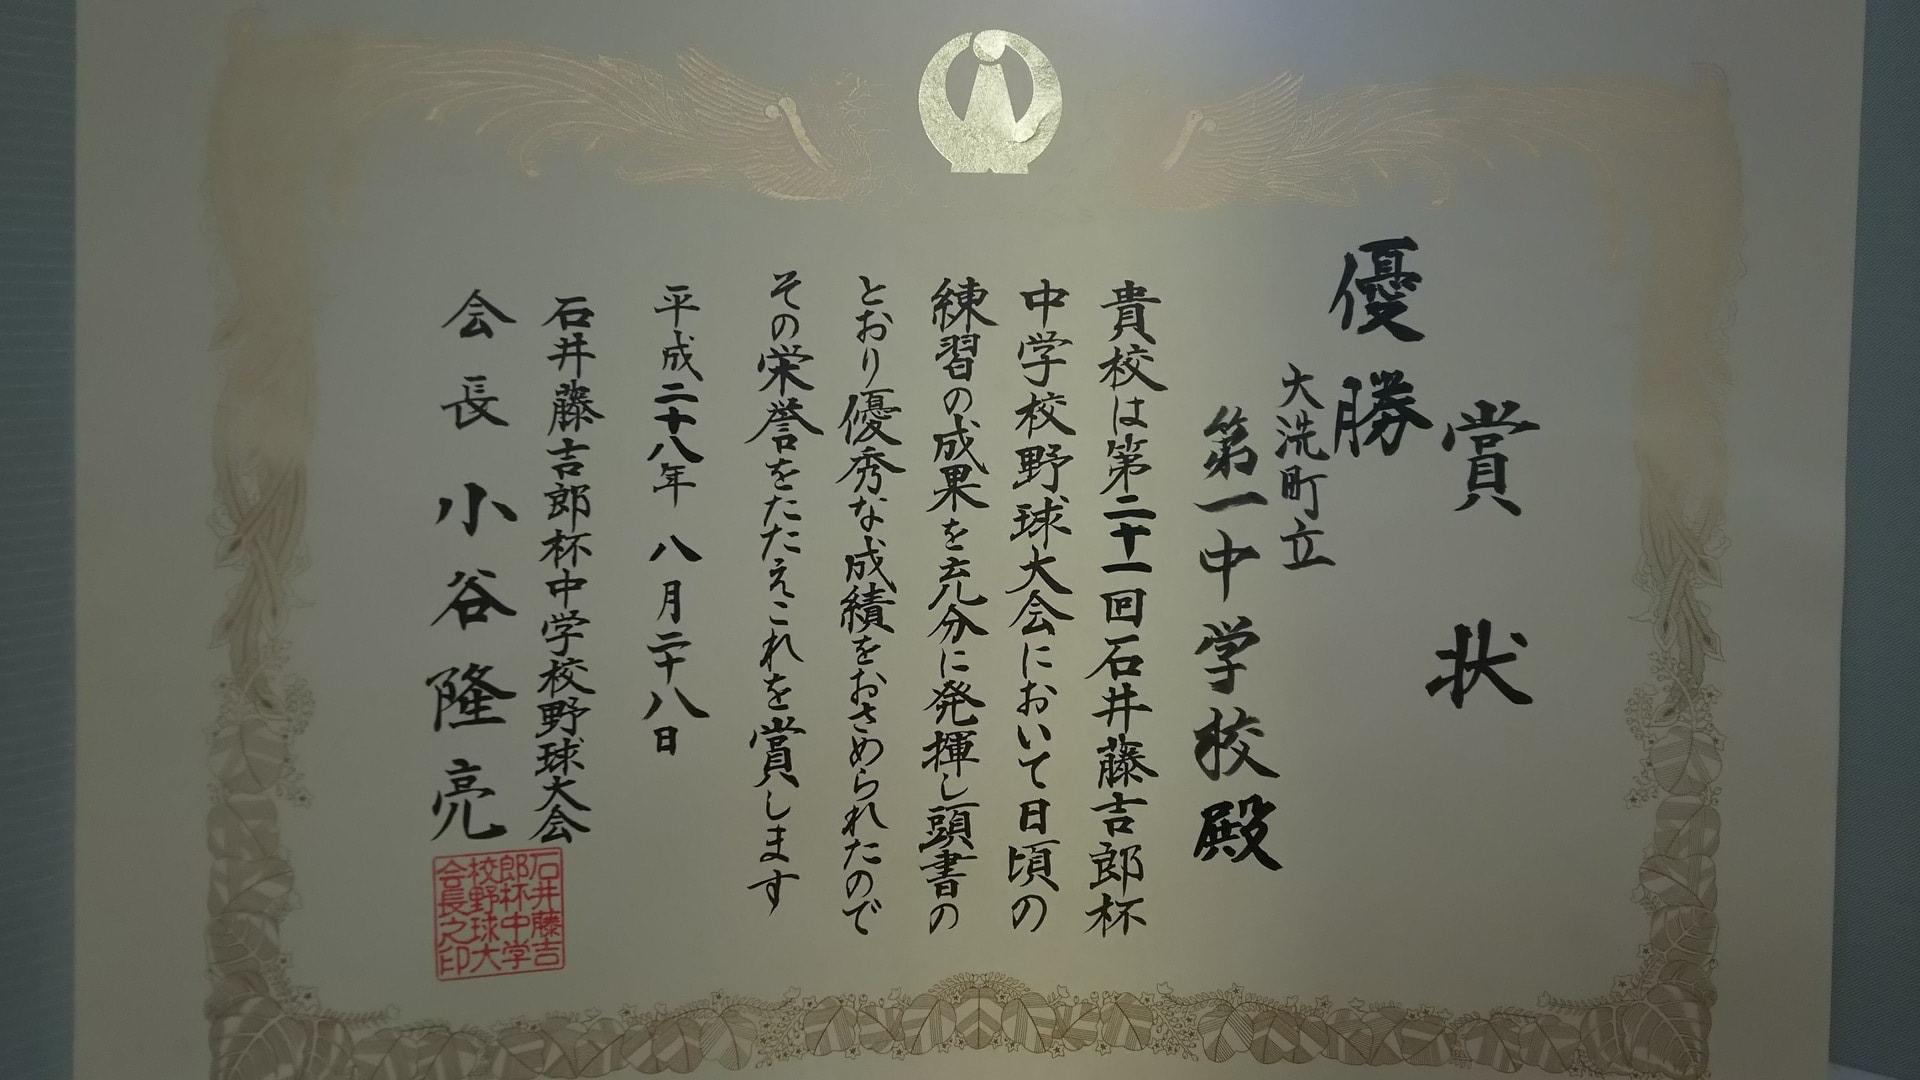 野球部】石井藤吉郎杯優勝です!...